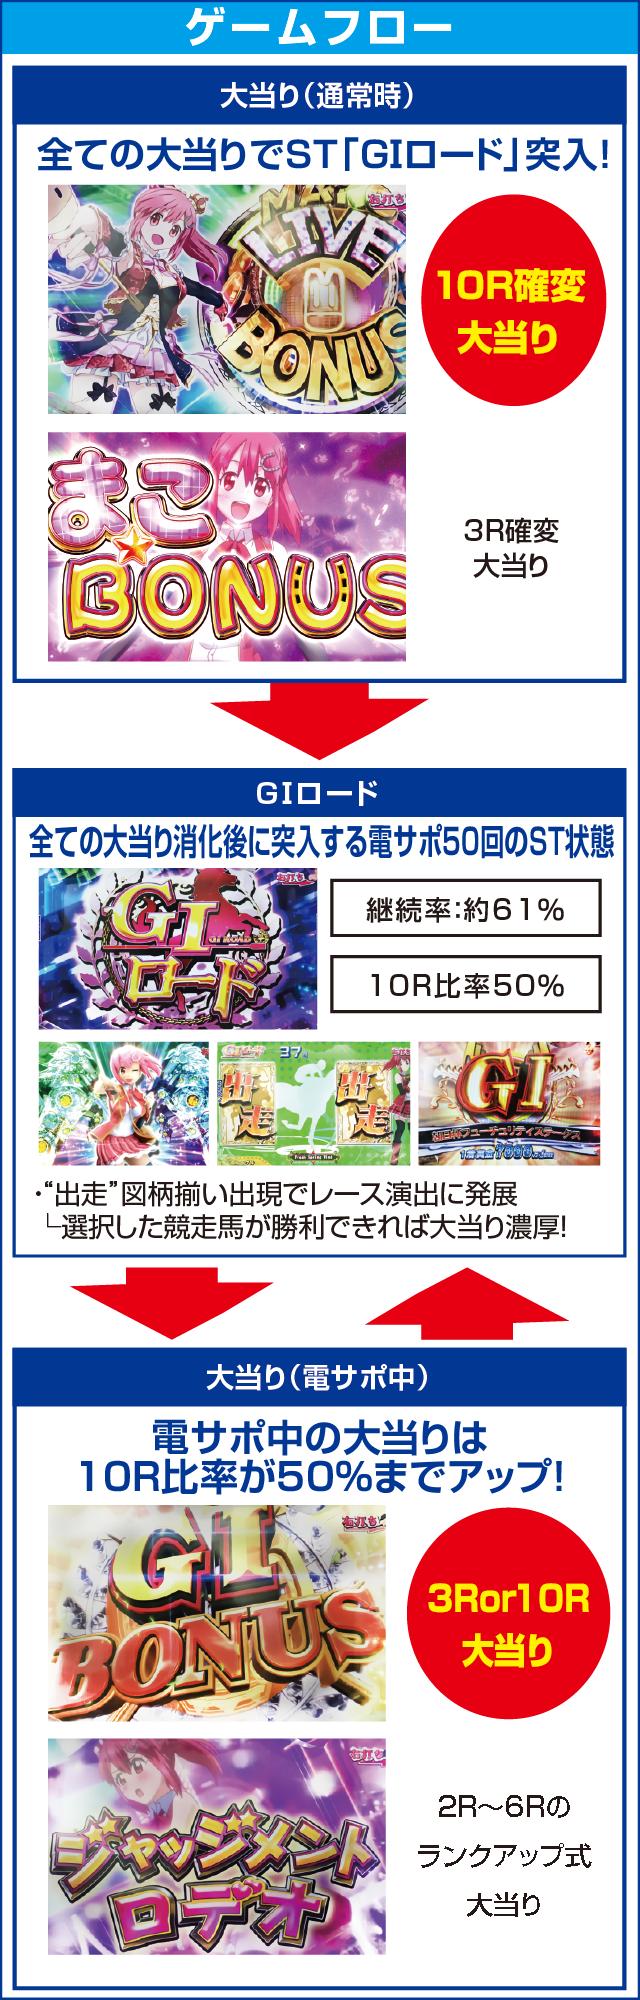 ぱちんこGⅠ優駿倶楽部遊タイム付のピックアップポイント